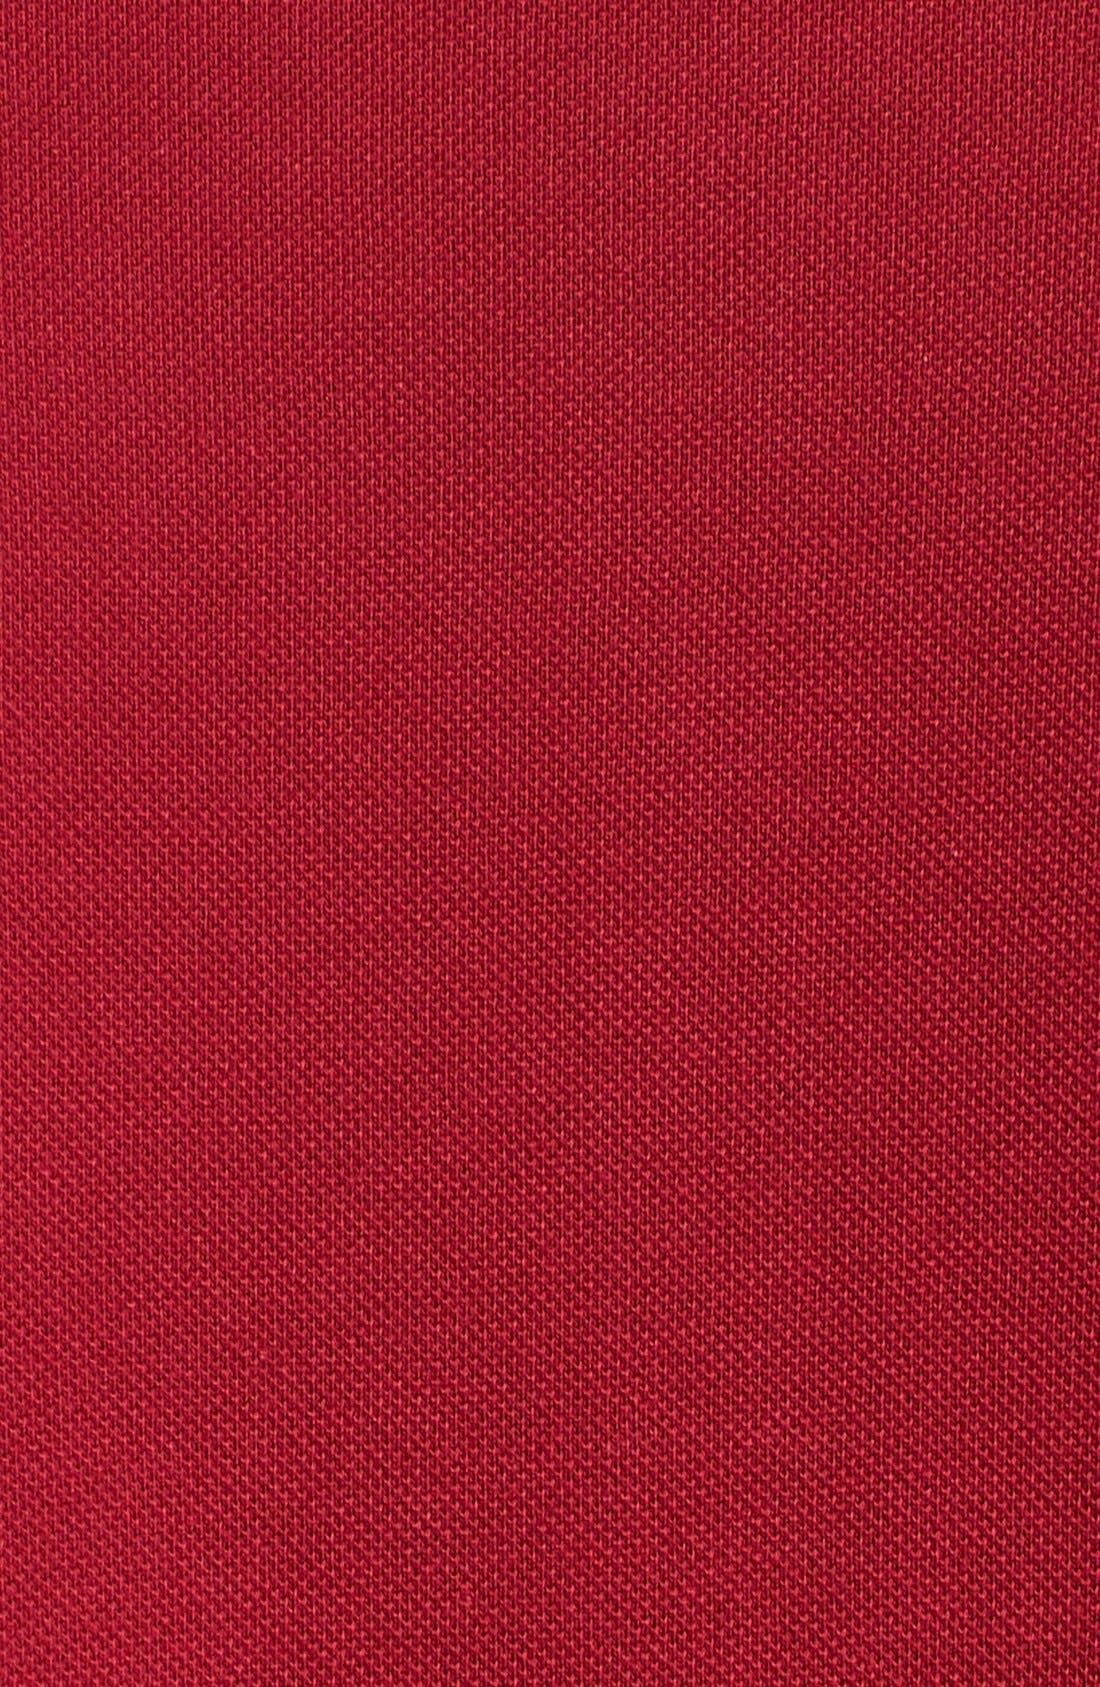 Alternate Image 3  - Lacoste L!VE Contrast Trim Piqué Polo